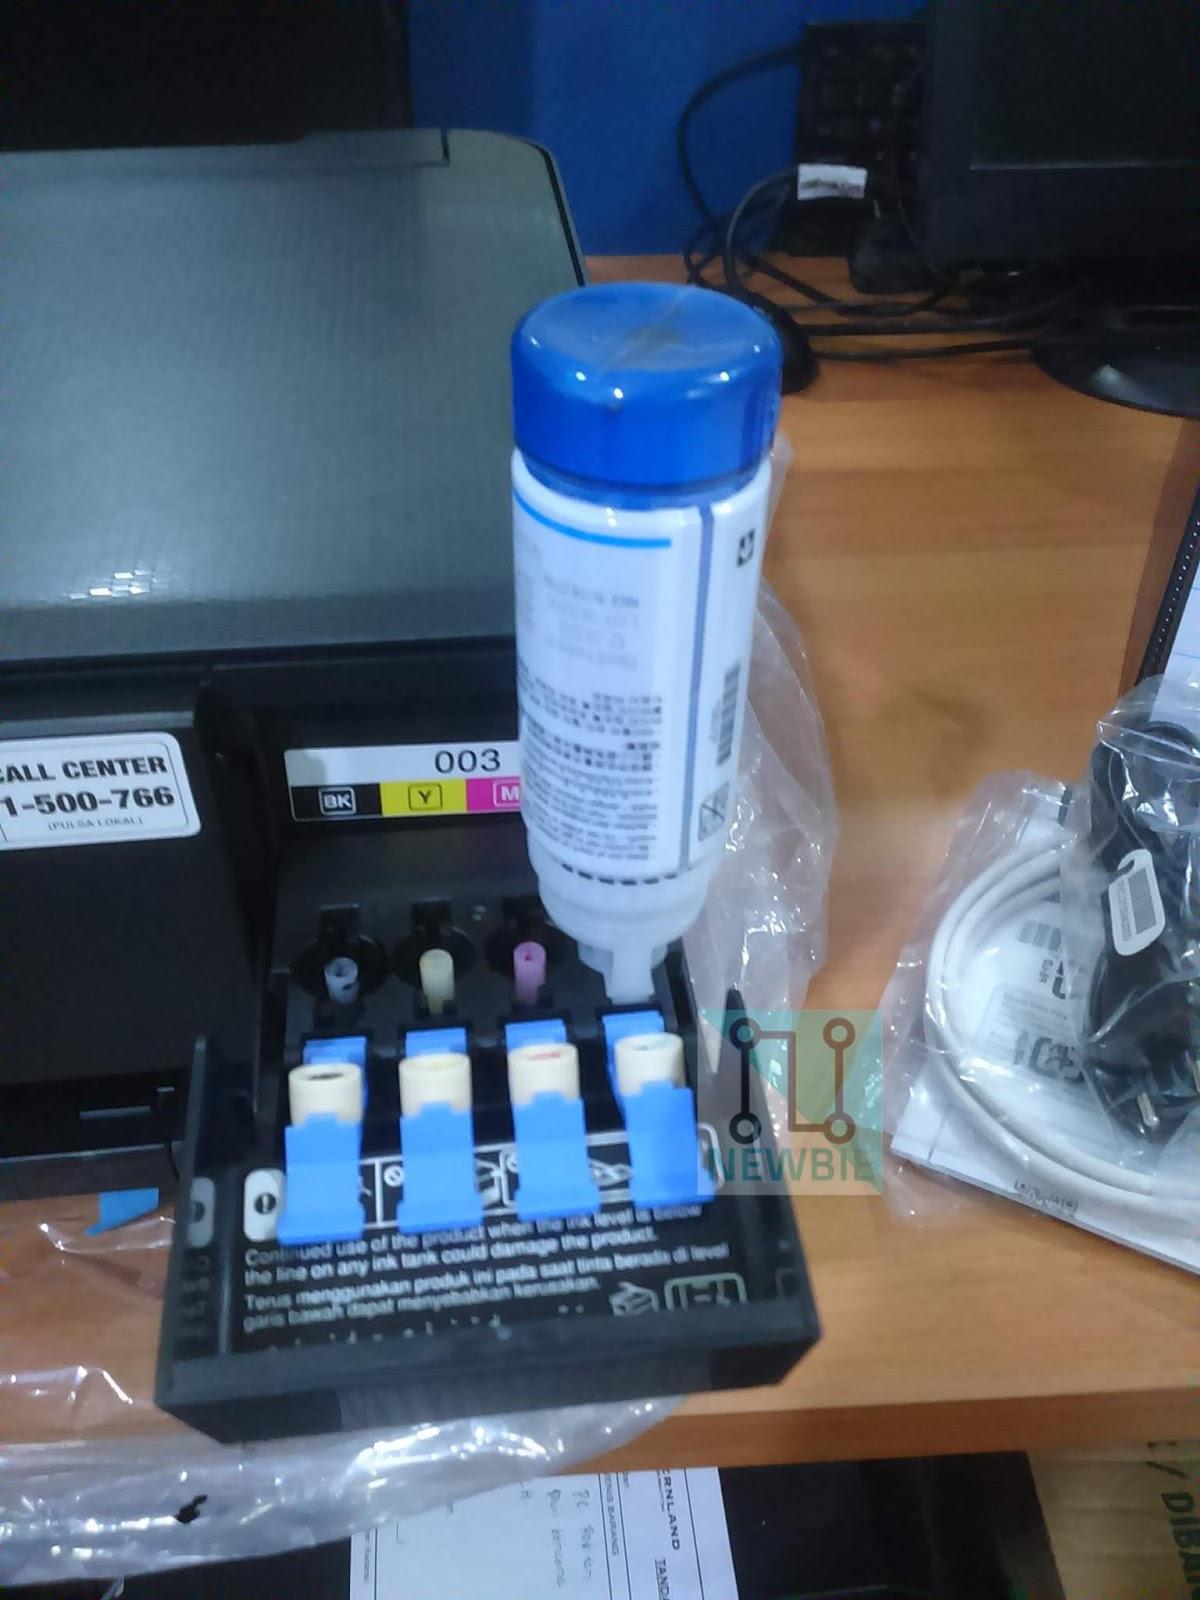 Cara Mengisi Tinta Printer Epson L3110 : mengisi, tinta, printer, epson, l3110, Epson, L3110, Printer, NEWBIE, ADSVISOR